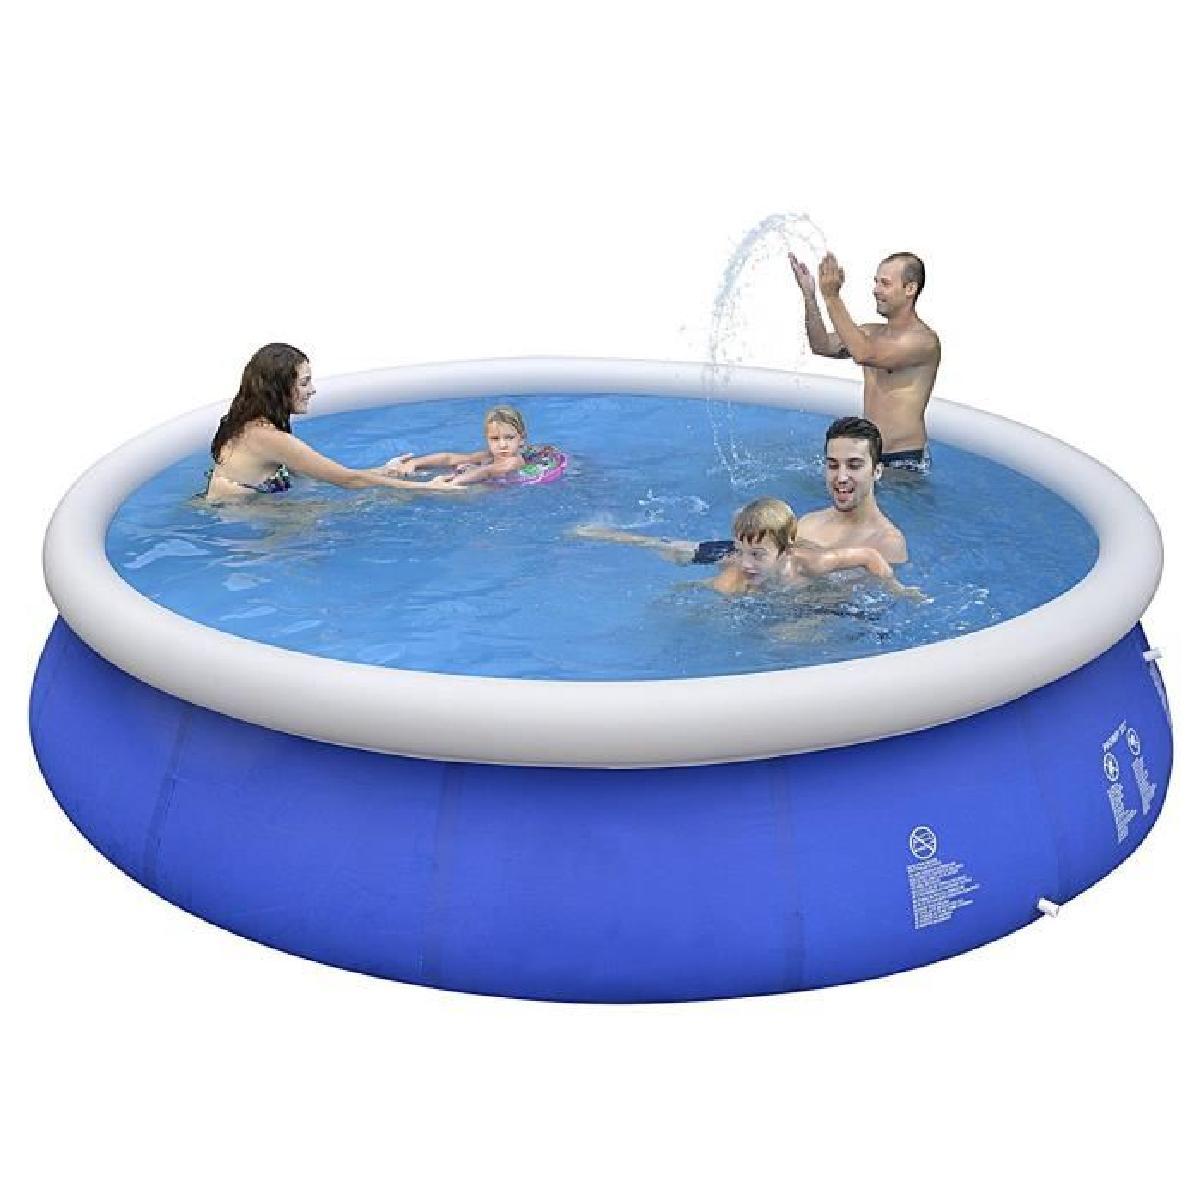 piscine gonflable rectangulaire avec pompe